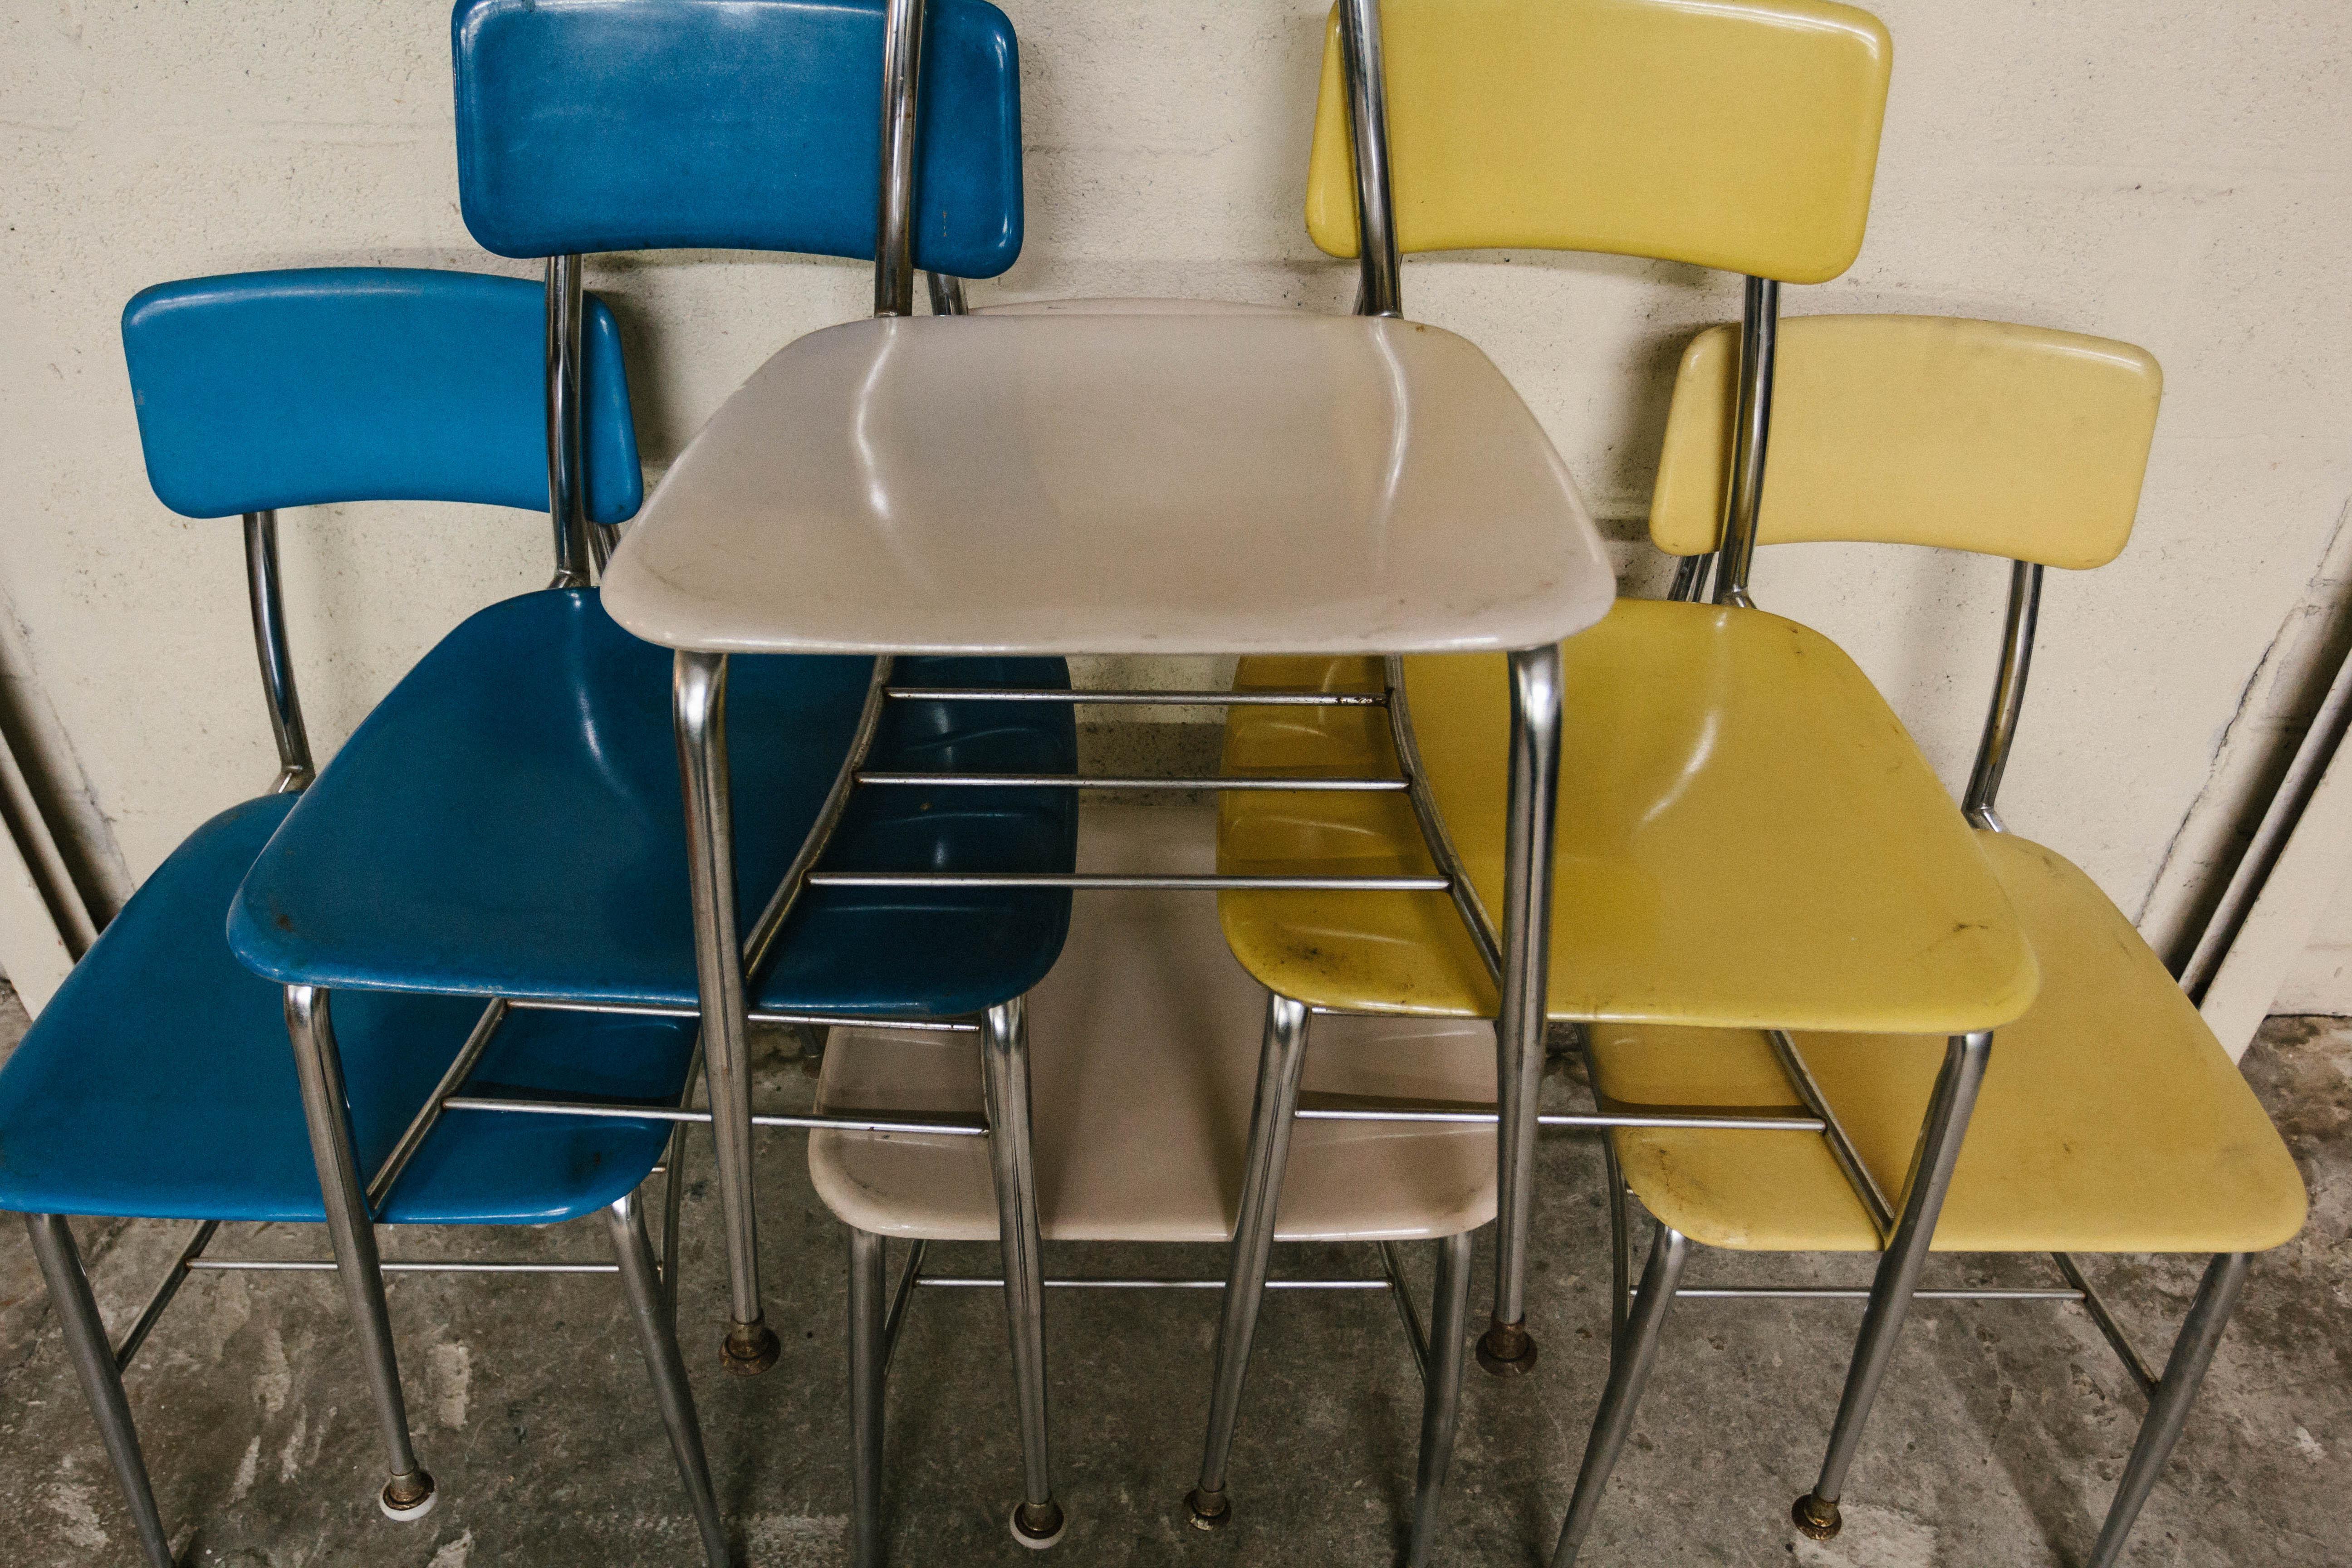 Heywood Wakefield Vintage School Chairs   Set Of 6   Image 6 Of 7